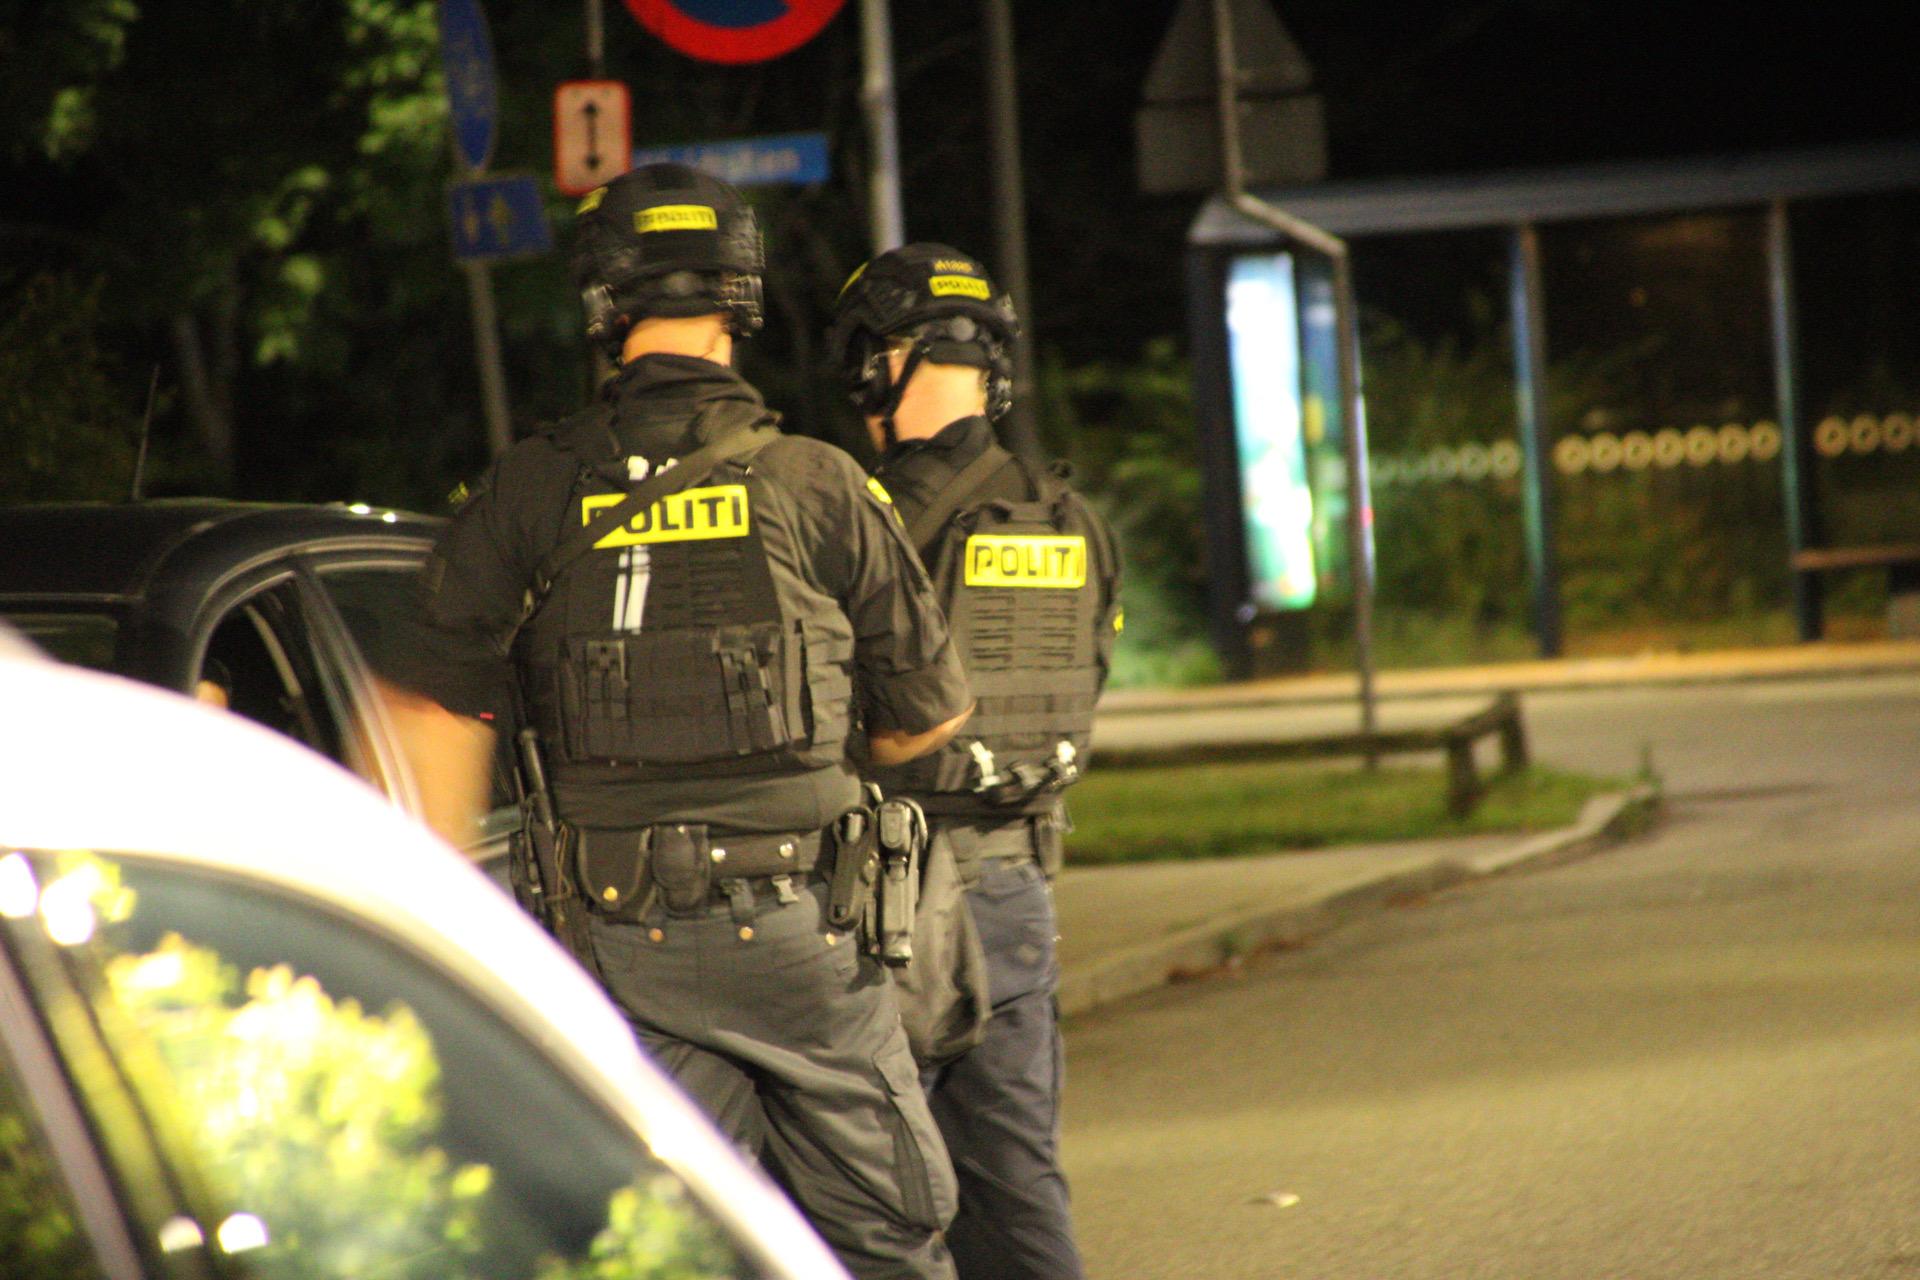 Skyderi i Holbæk - flere skud affyret